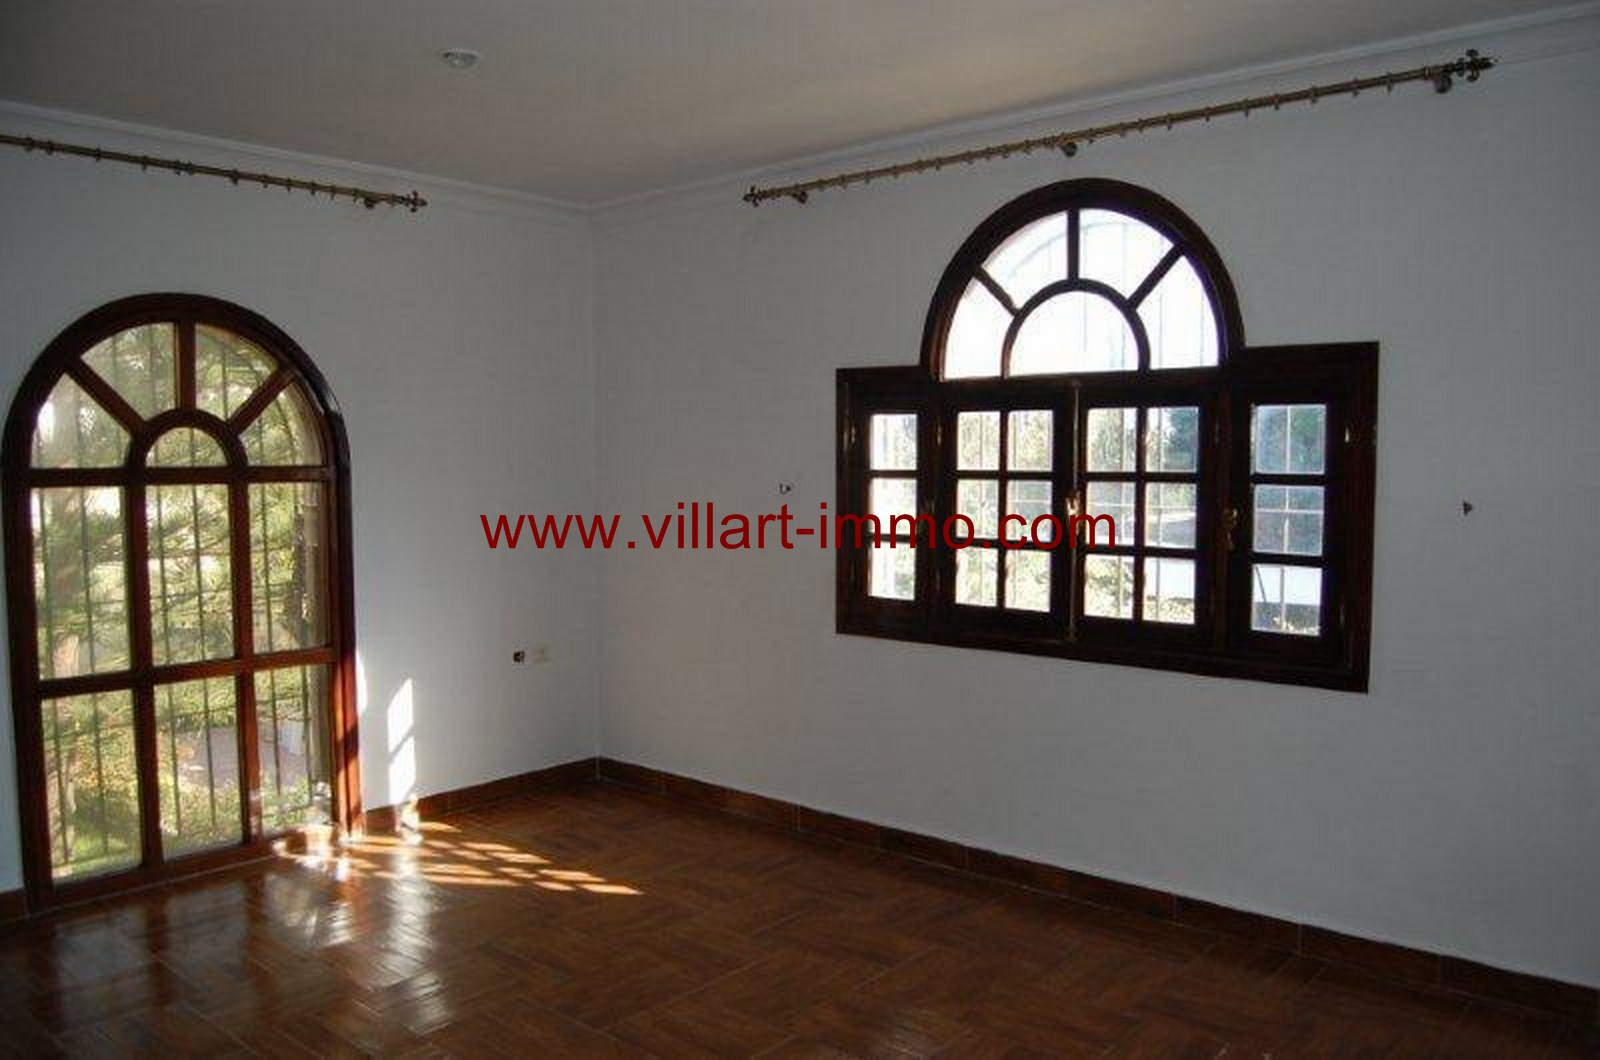 10-vente-villa-tanger-boubana-salon-4-vv363-villart-immo